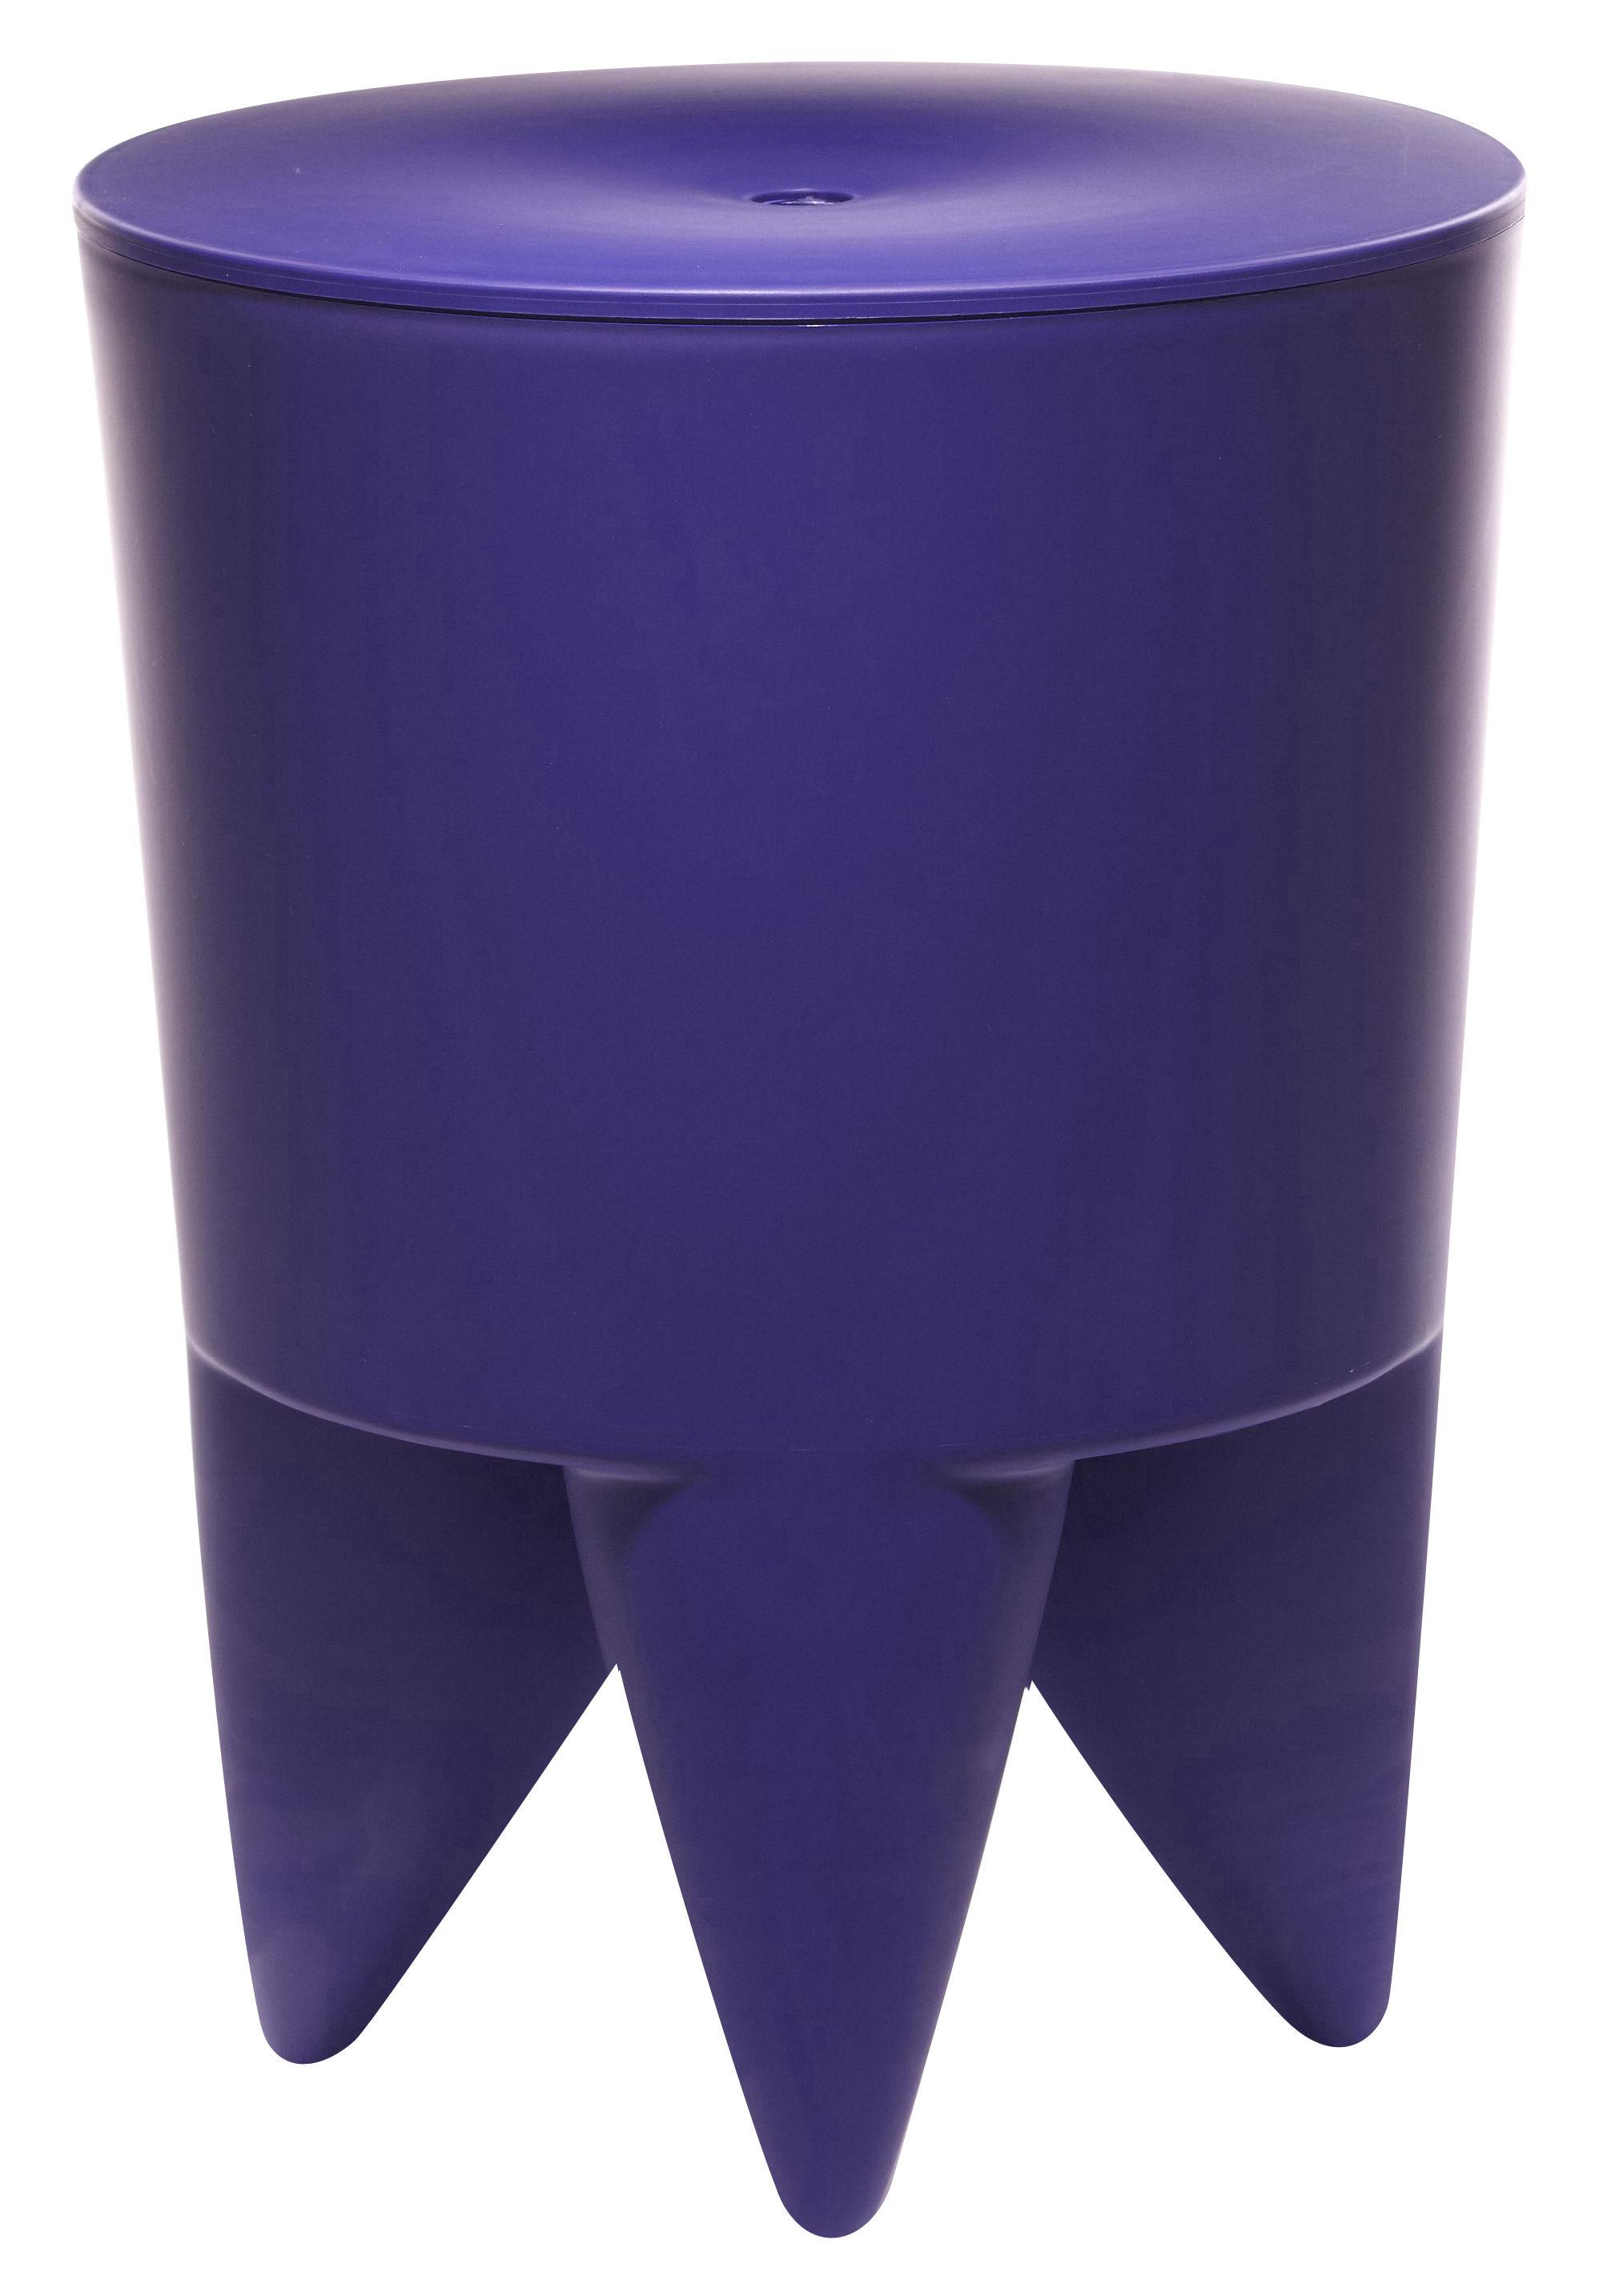 Mobilier - Mobilier Ados - Tabouret New Bubu 1er / Coffre - Plastique - XO - Violet ultramarine - Polypropylène